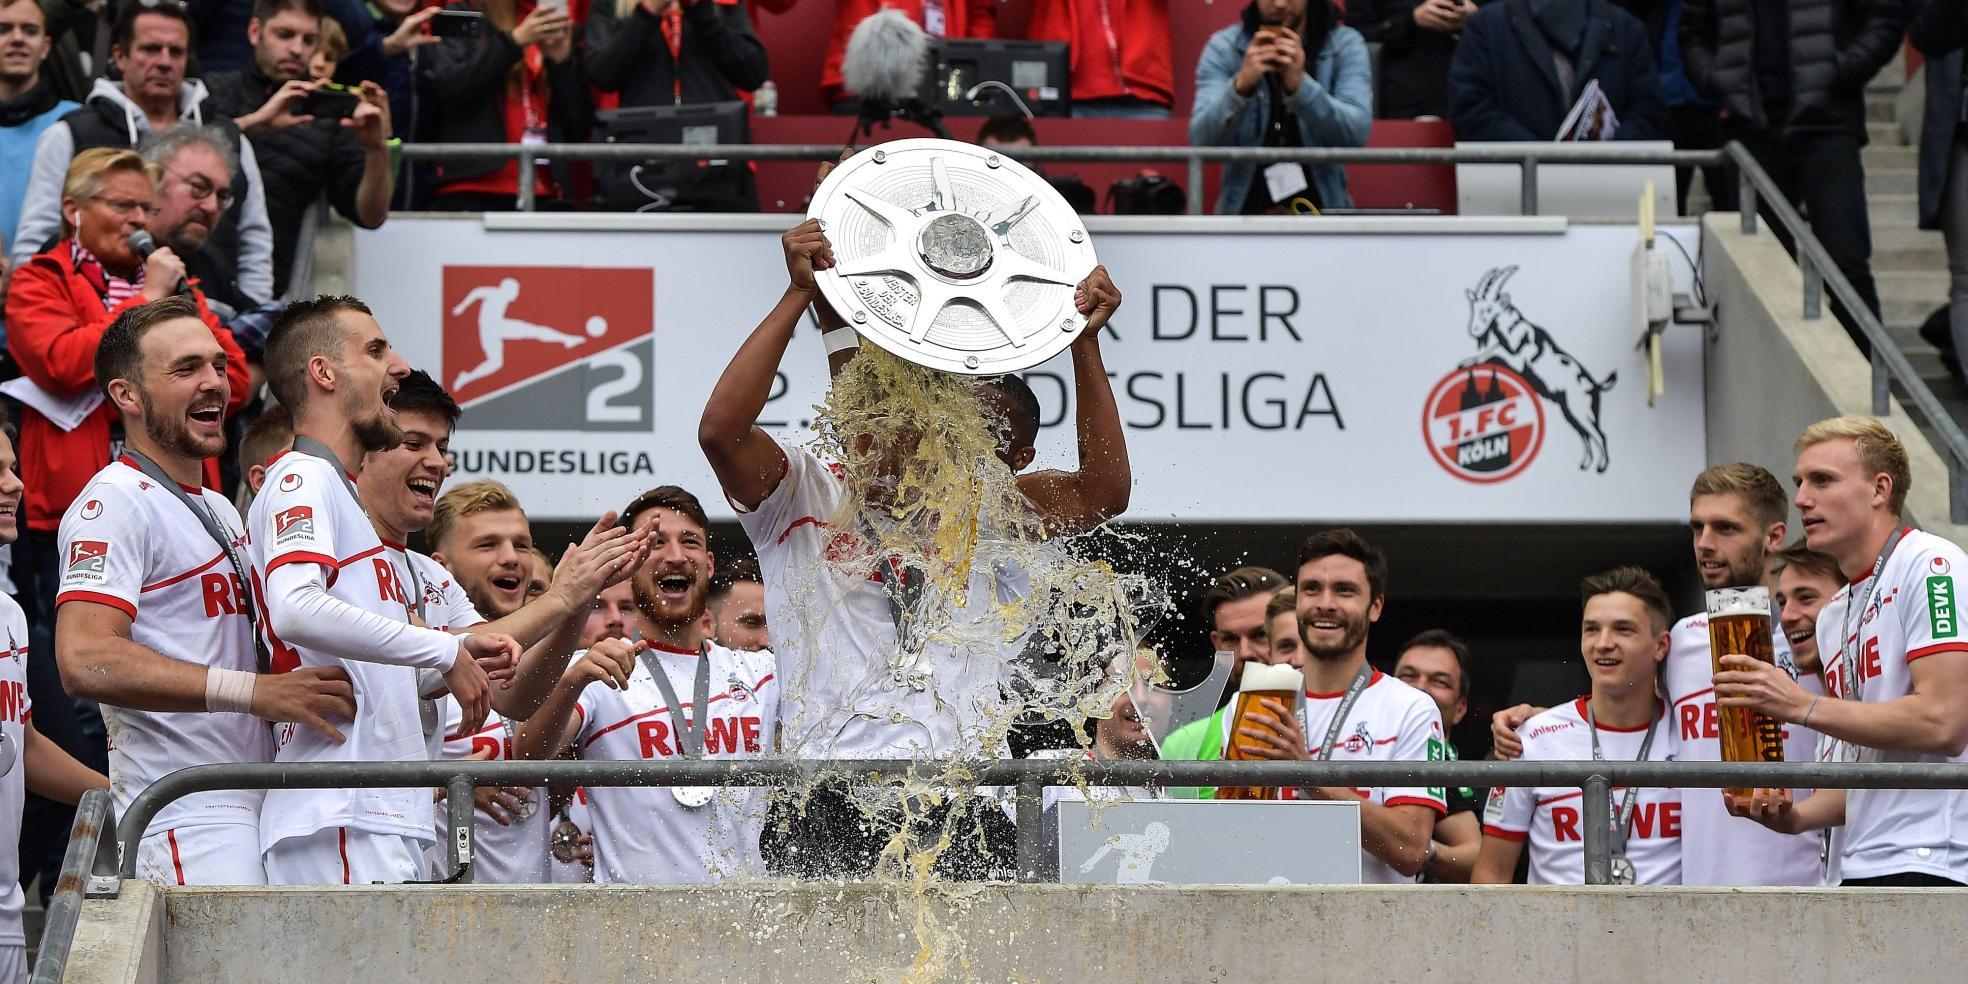 Nikolas Nartey vom 1. FC Köln